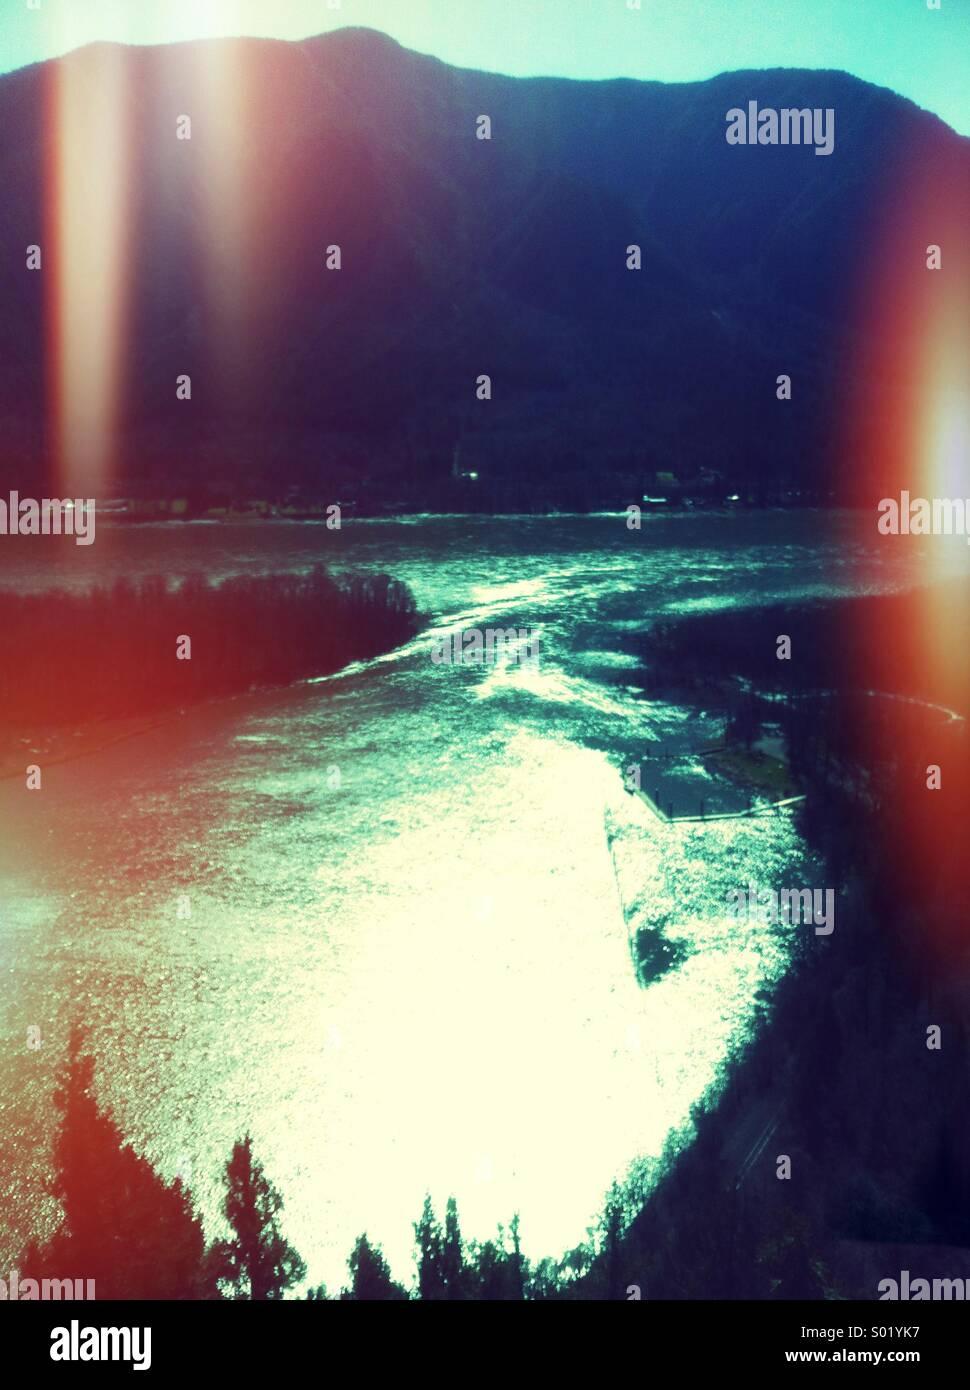 Río de montaña en el fondo y sentimiento vintage Imagen De Stock